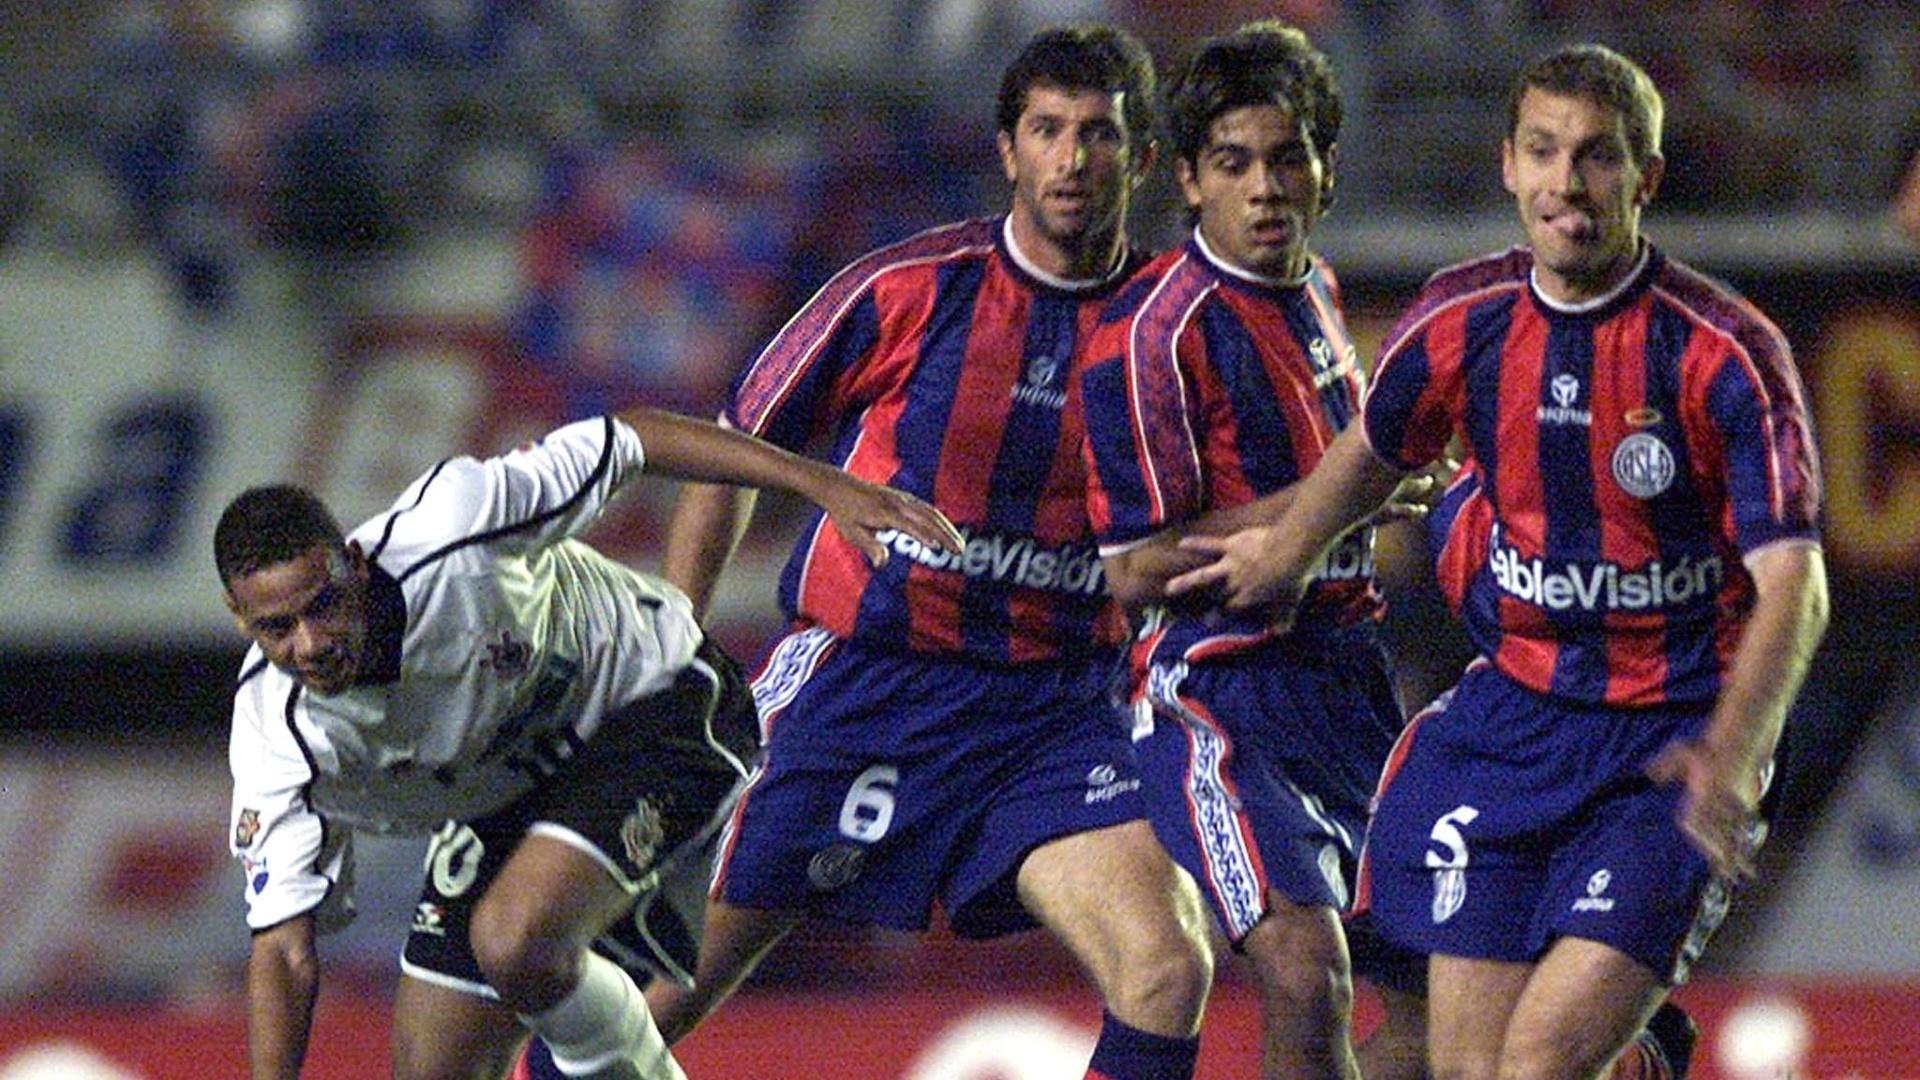 Gil, atacante do Corinthians, recebe marcação de três jogadores do San Lorenzo na semifinal da Copa Mercosul de 2001